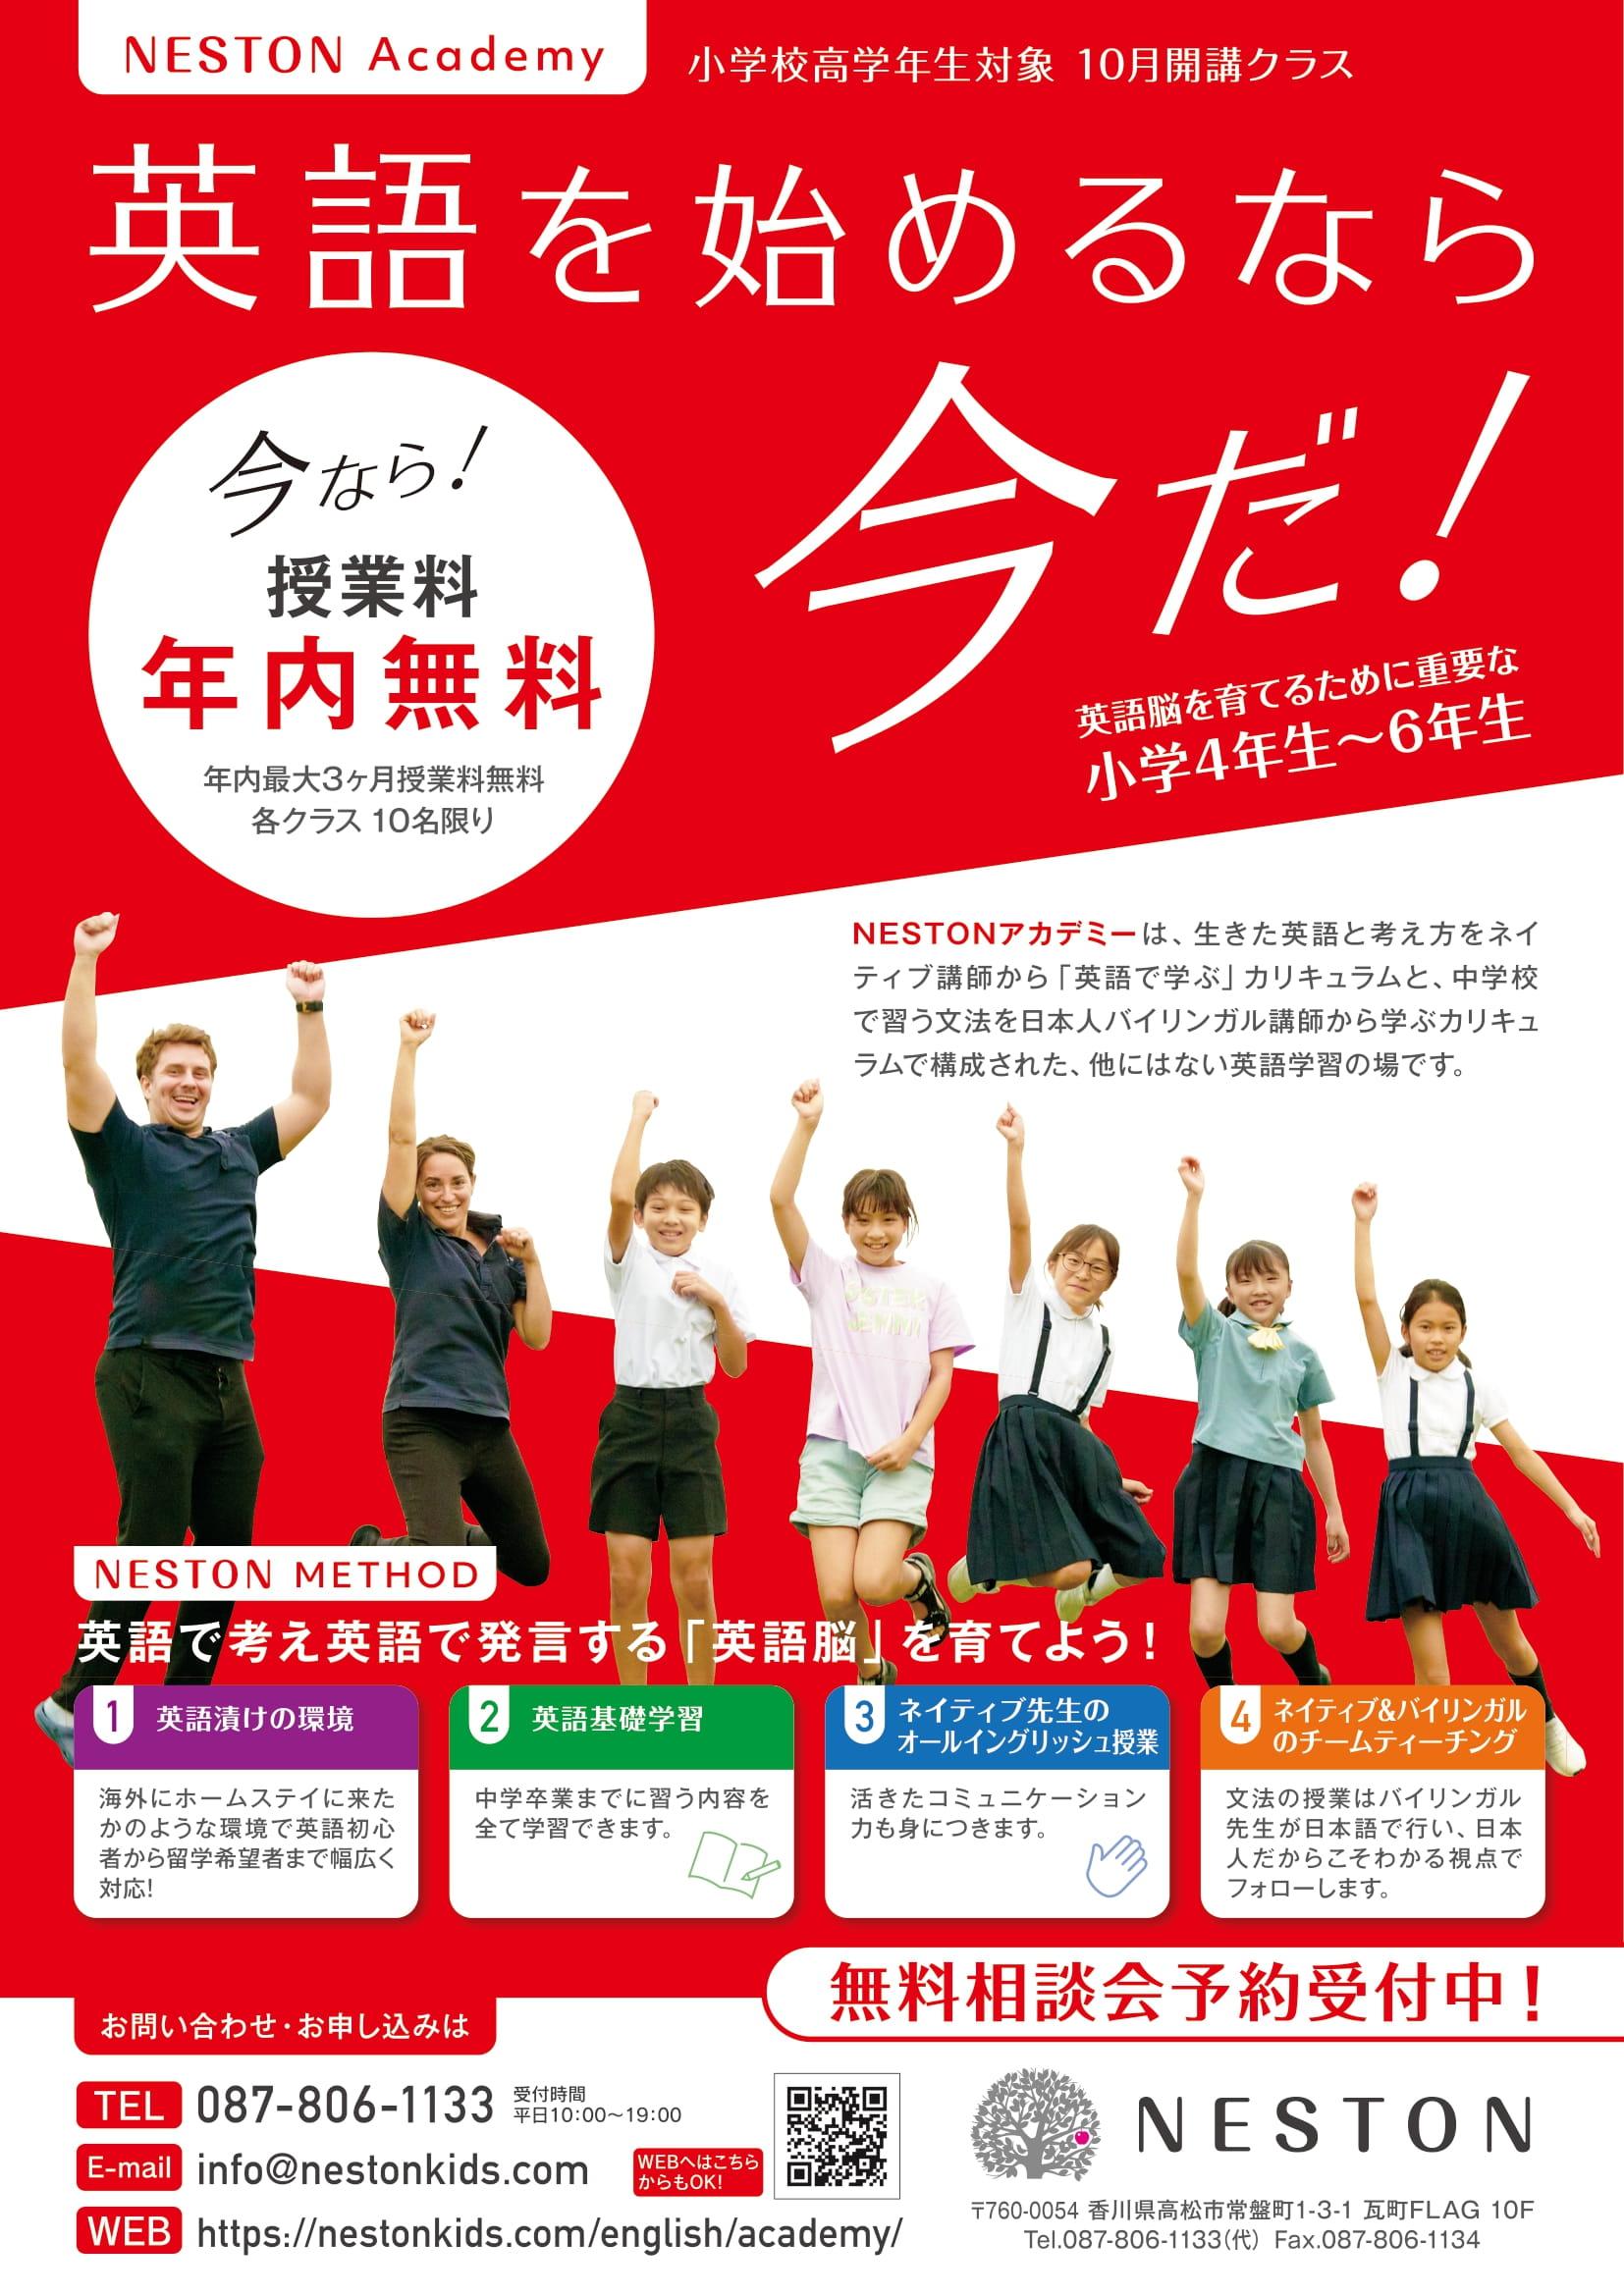 10月開講Academyクラス(小学4-6年生対象) 新規入会キャンペーン